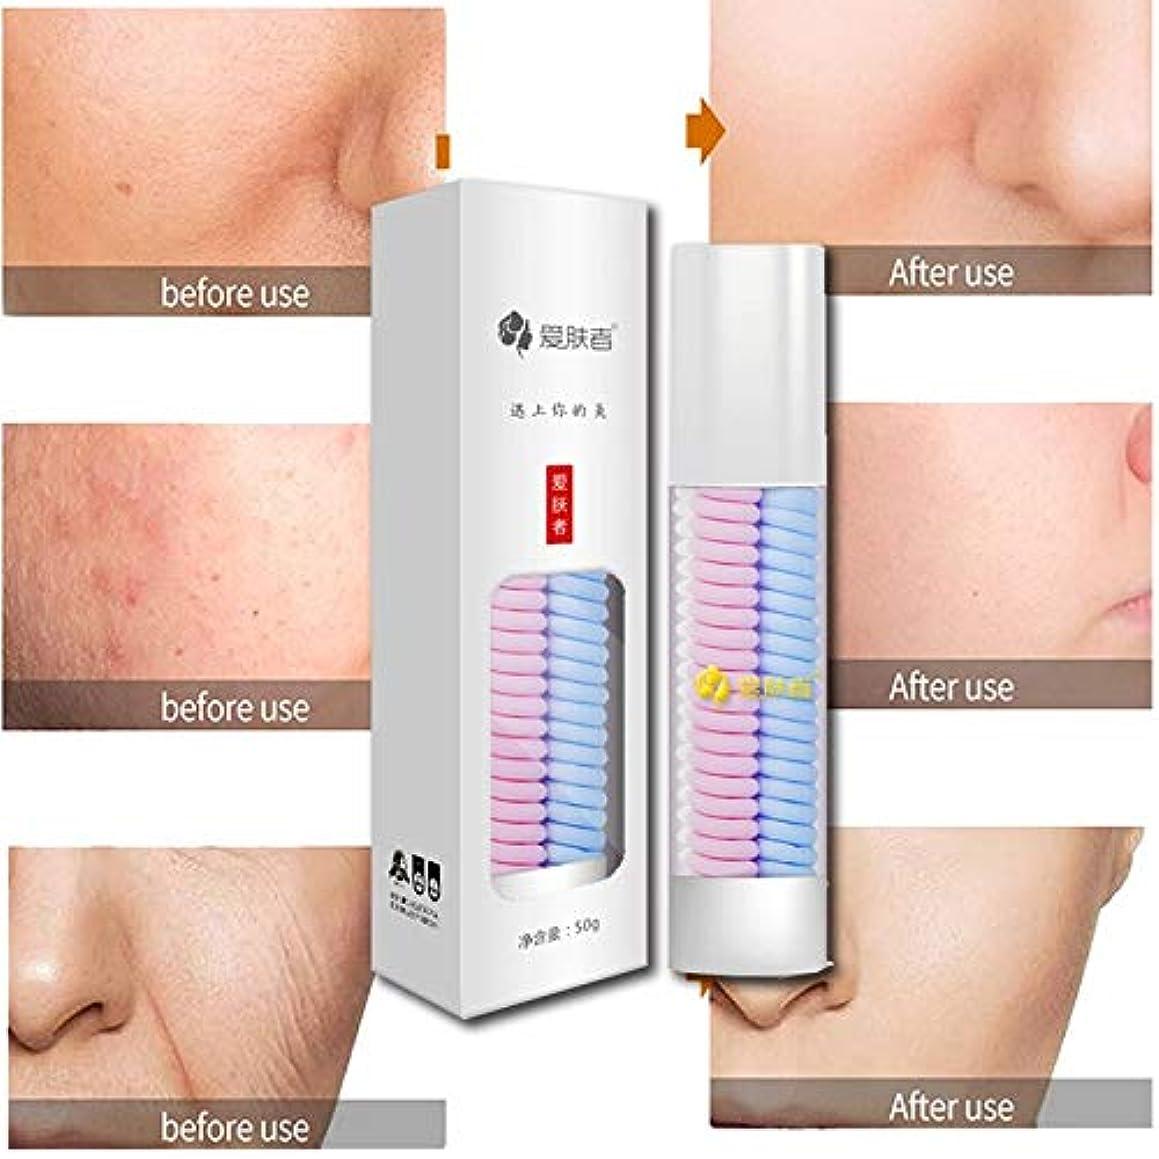 ようこそ抗生物質コントロール保湿顔寧クリームの電子抗しわ年齢ケアのRIR cremasはhidratante顔面edad抗faciales